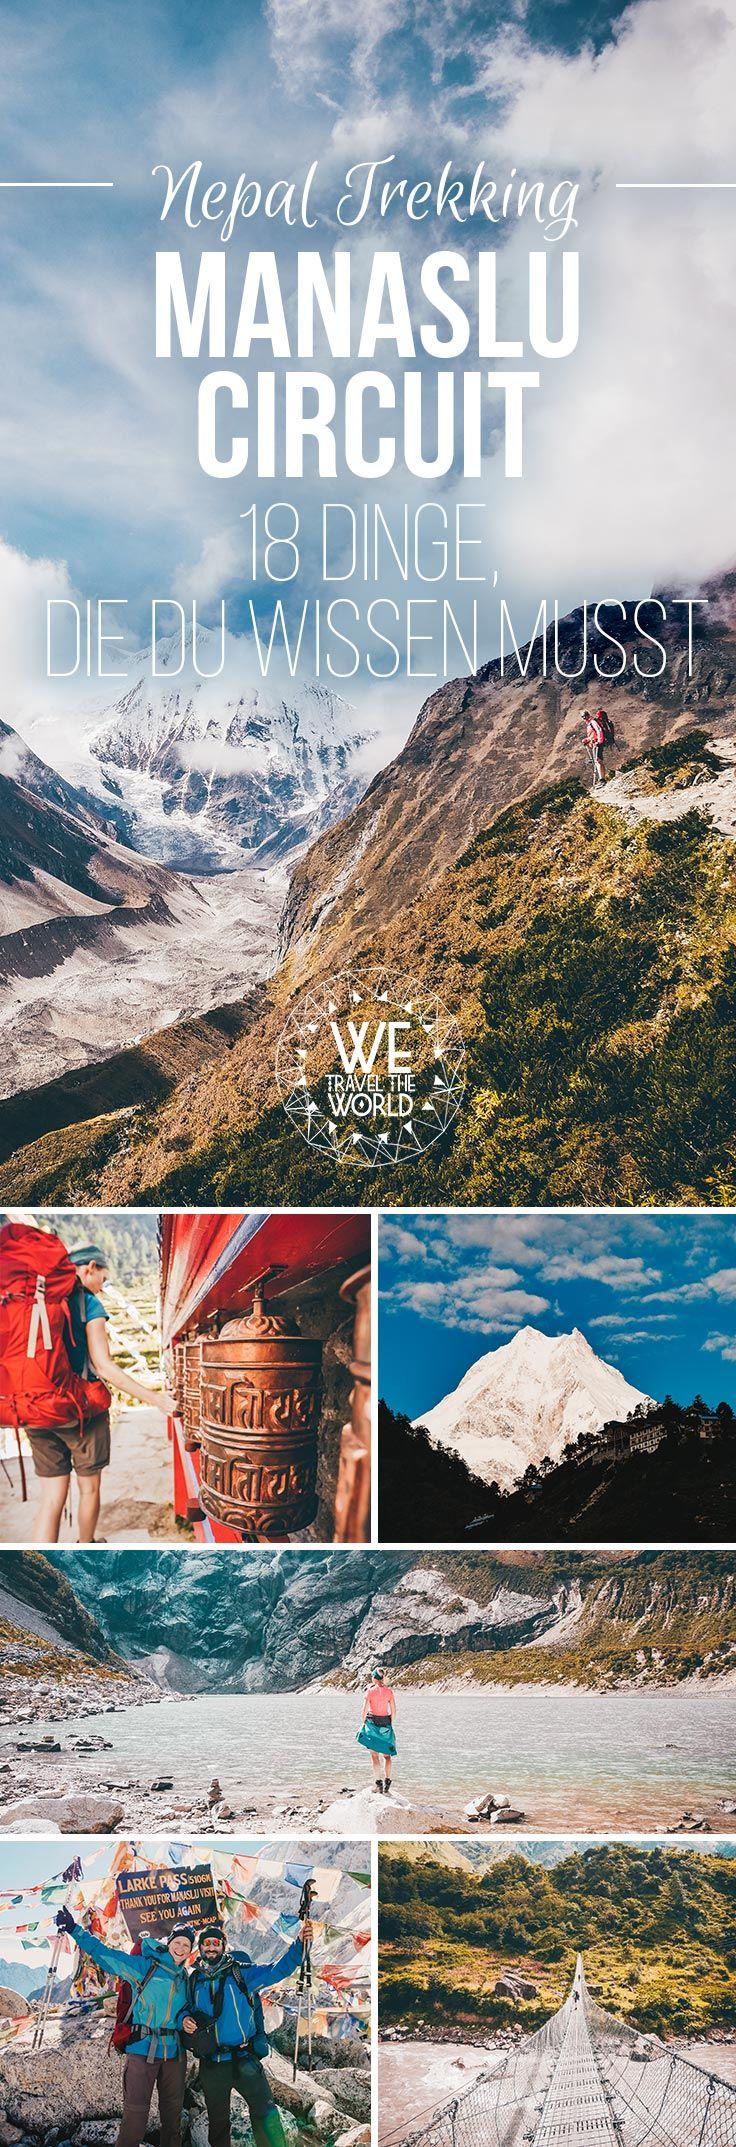 Asien Reisetipps – Nepal Reise: Alles was du für den Manaslu Circuit oder Manaslu Runde wissen musst. Plane deinen perfekten Nepal Urlaub! #reisetipps #nepal #asien #outdoor #berge